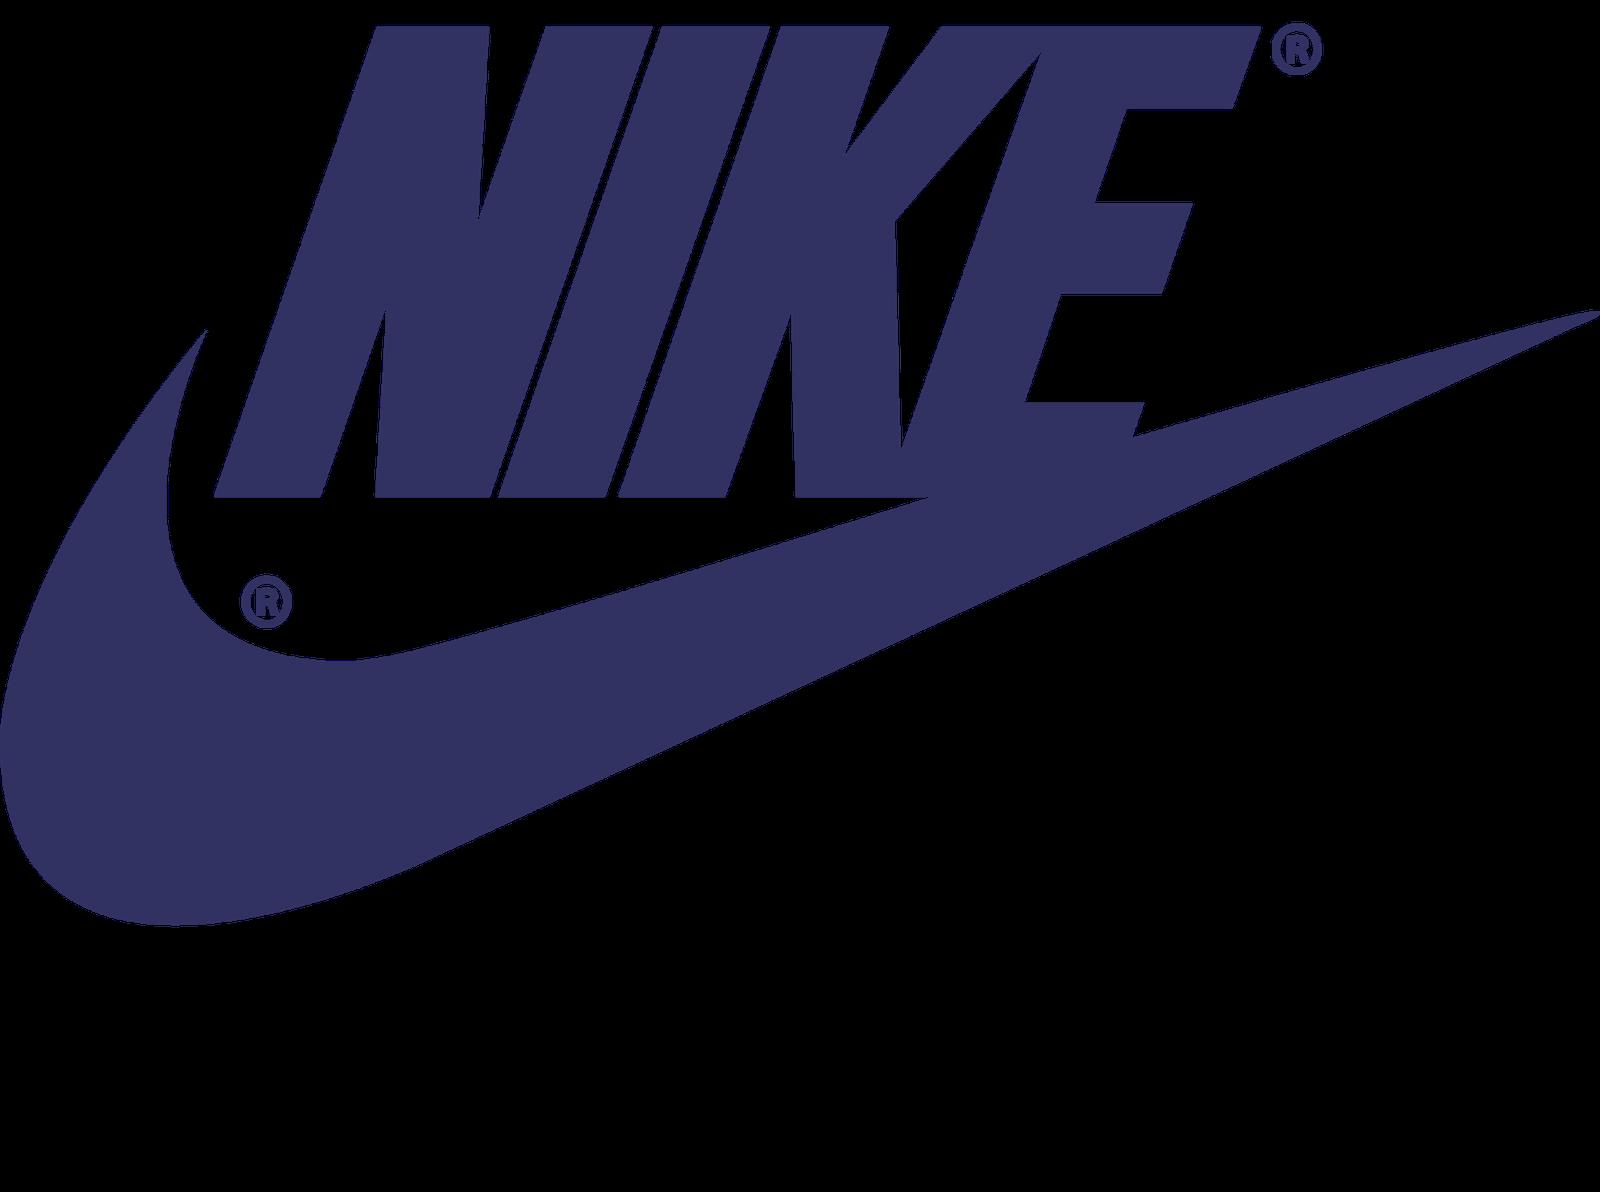 nike logo #15 - Nike Logo PNG